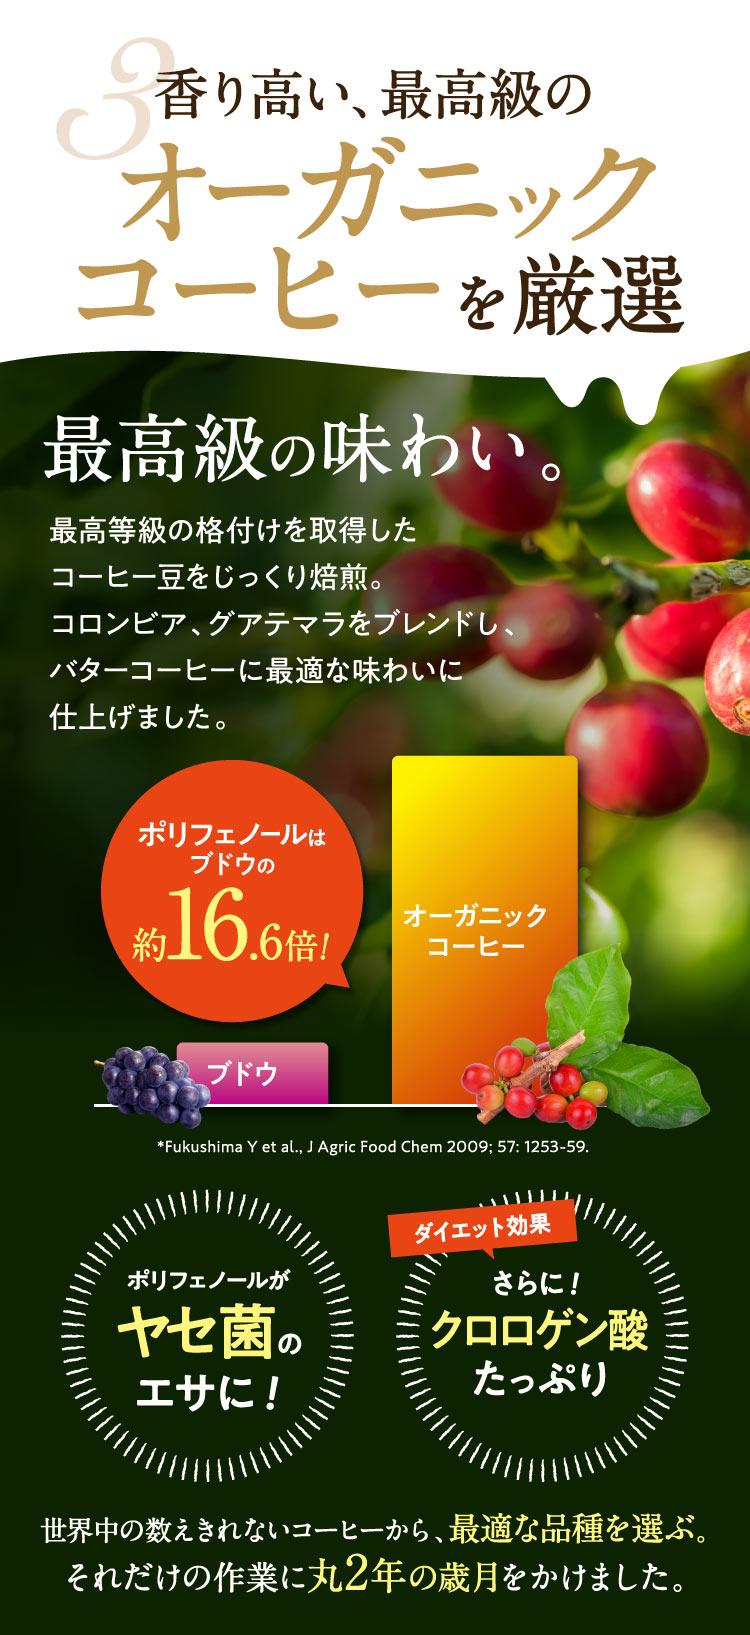 3.香り高い、最高級のオーガニックコーヒーを厳選/最高級の味わい。最高等級の格付けを獲得したコーヒー豆をじっくり焙煎。コロンビア、グアテマラをブレンドし、バターコーヒーに最適な味わいに仕上げました。ポリフェノールはブドウの約16.6倍!*Fukushima Y et al., J Agric Food Chem 2009; 57: 1253-59/ポリフェノールがヤセ菌のエサに!さらにダイエット効果クロロゲン酸たっぷり!世界中の数えきれないコーヒーから最適な品種を選ぶ、それだけの作業に丸2年の歳月をかけました。